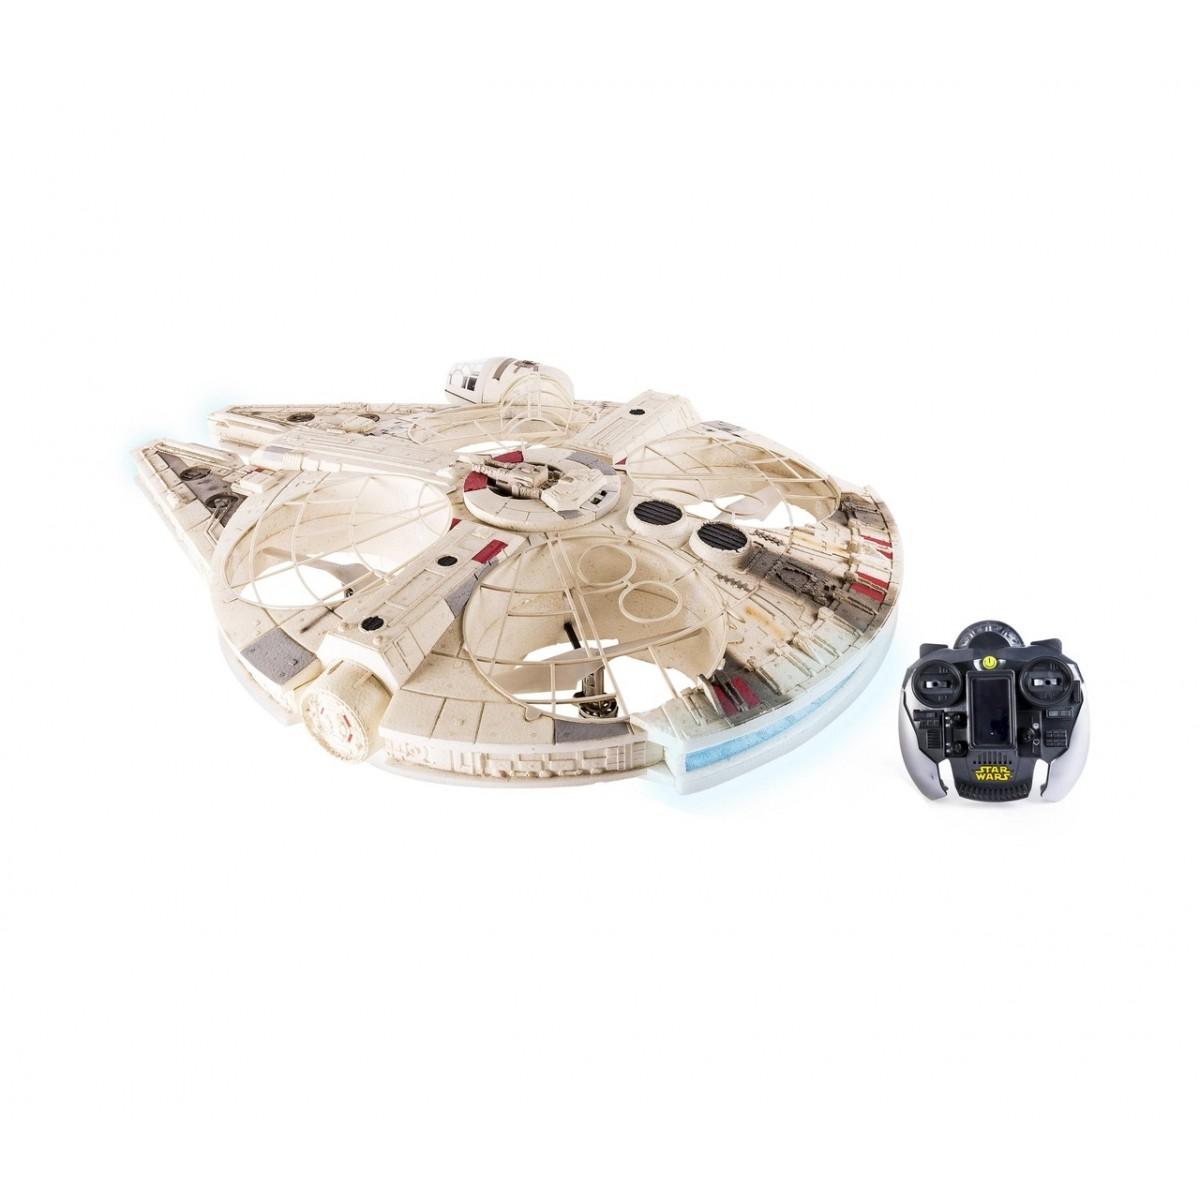 EM BREVE: Air Hogs Drone Millennium Falcon XL: Star Wars com Controle remoto